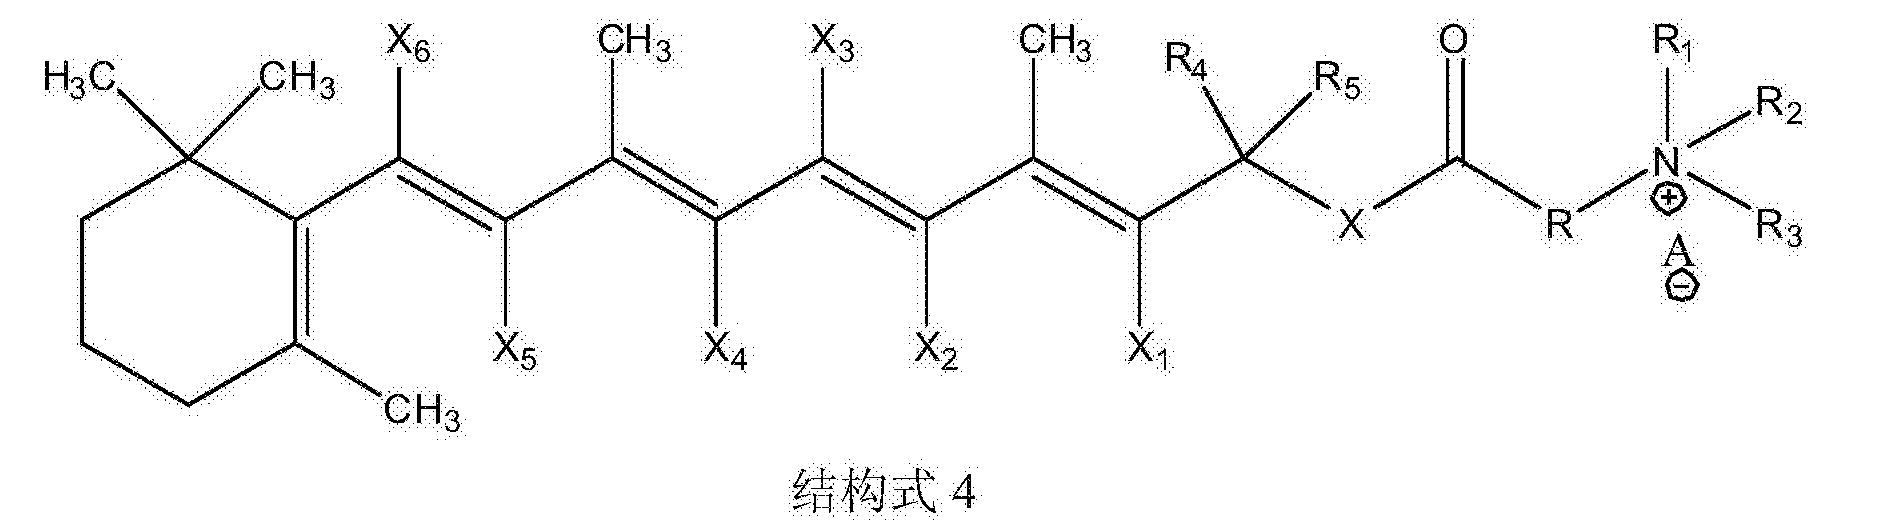 Figure CN107652212AC00021